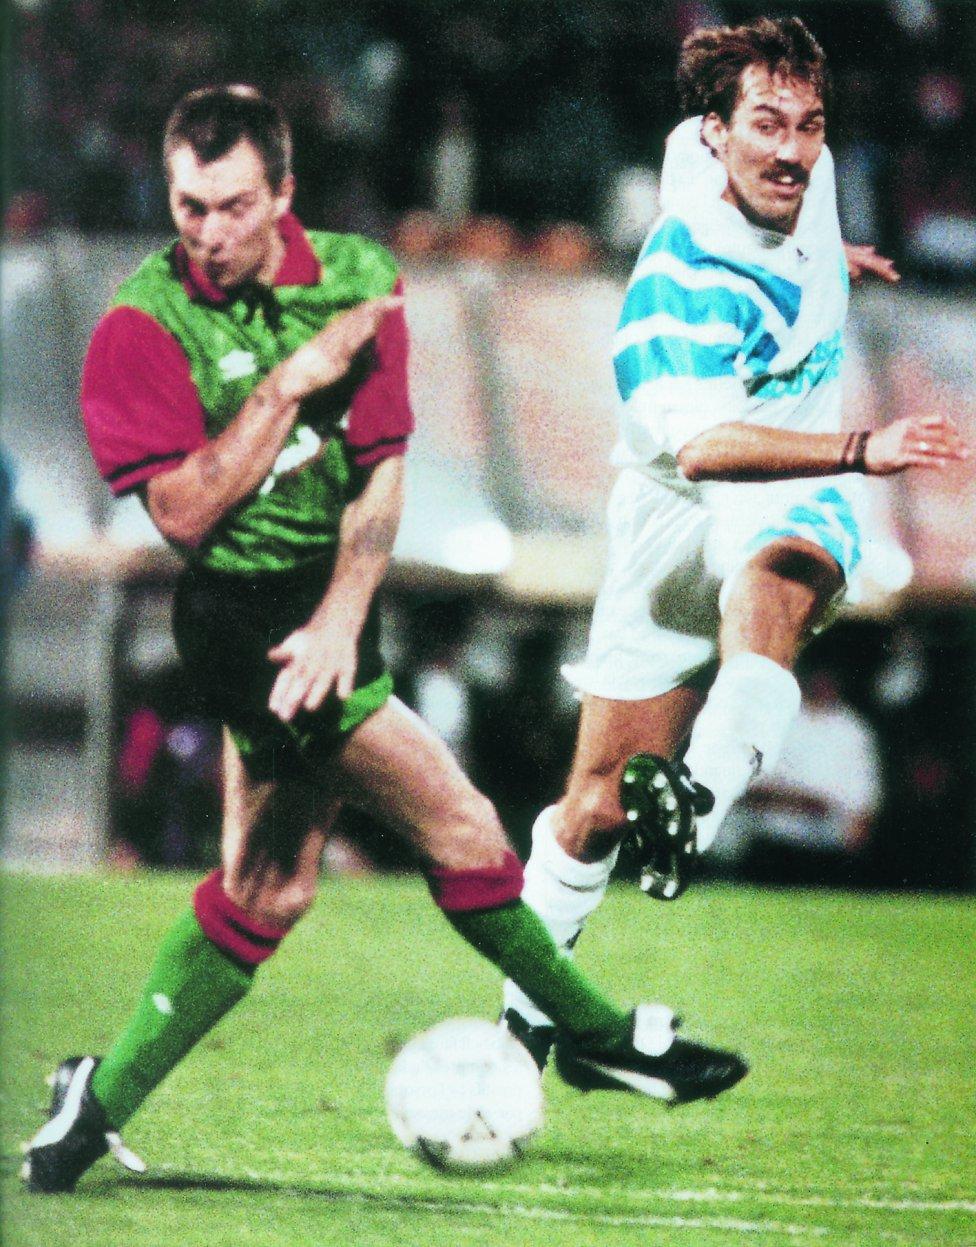 Campeón de Europa con el Olympique de Marsella en 1993.